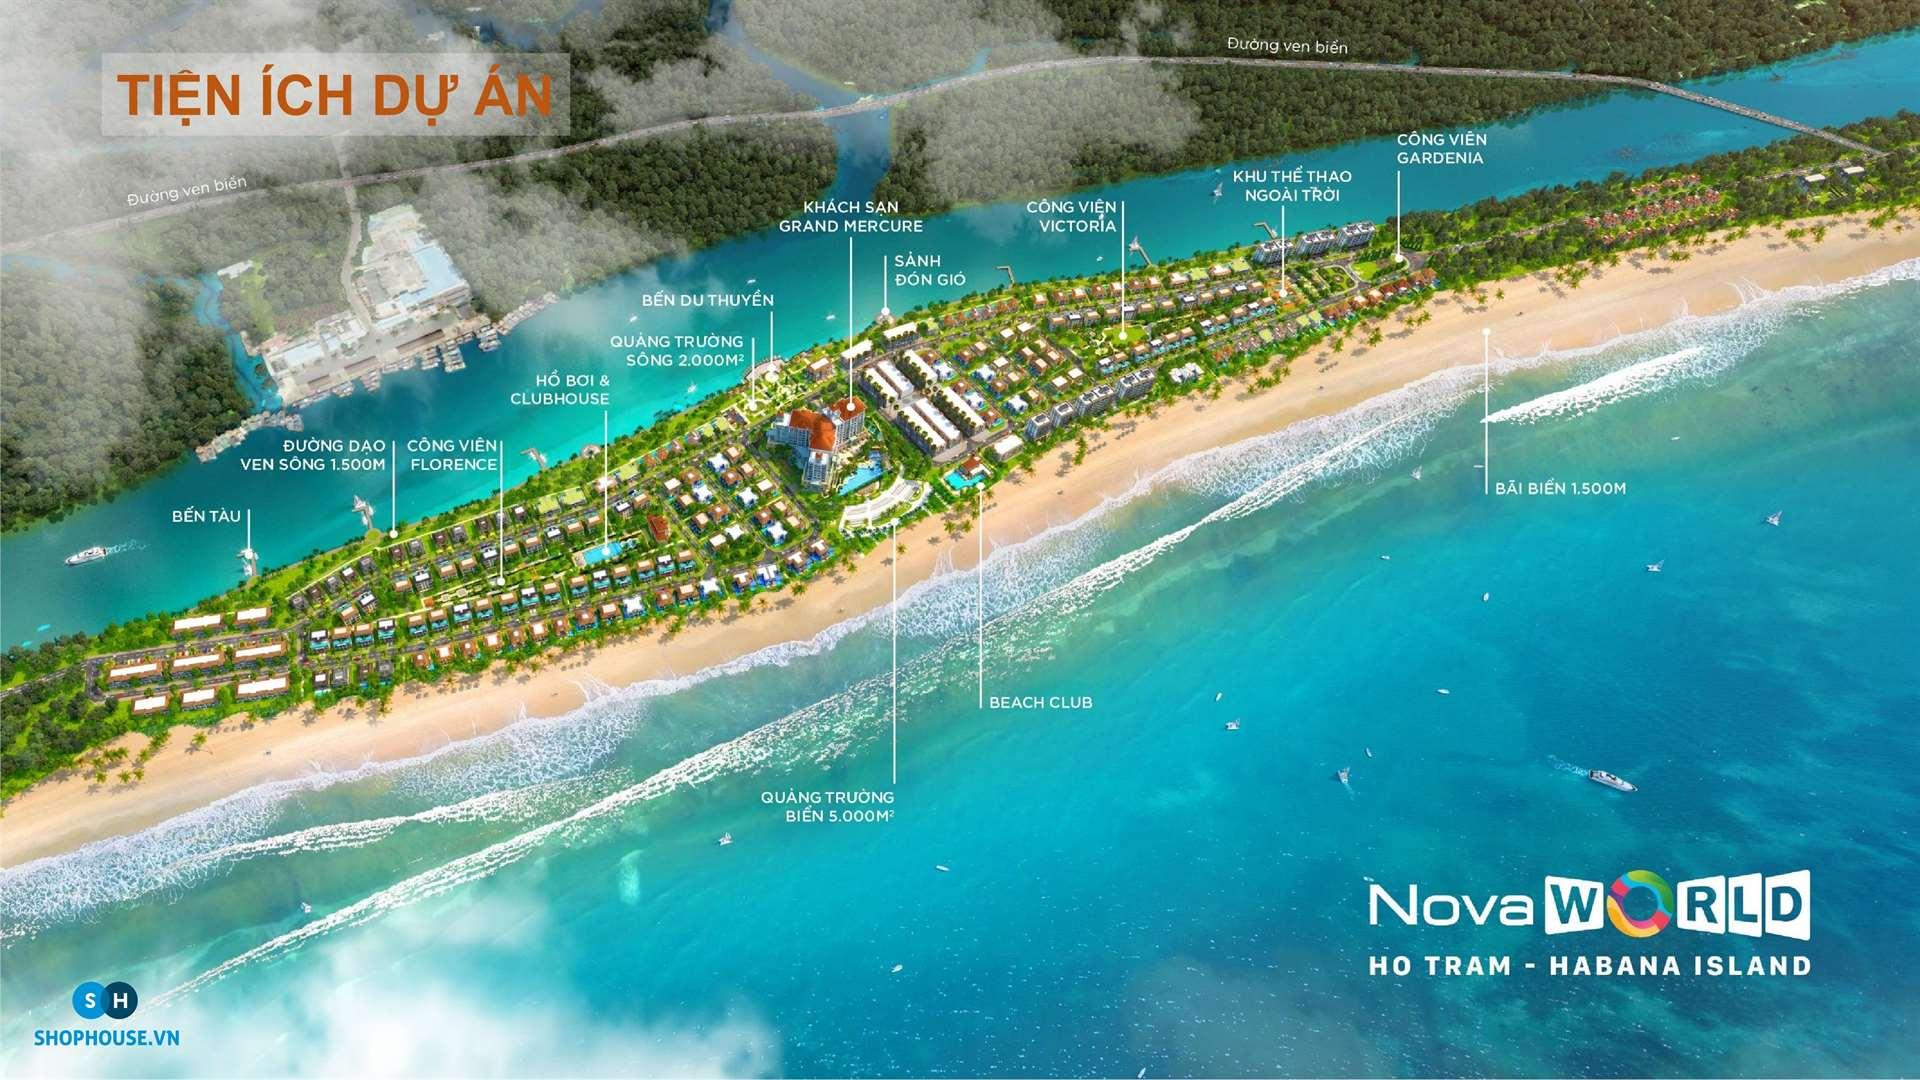 Tien-ich-du-an-Habana-island-NovaWorld-Ho-Tram-novaland-dao-2-mat-tien